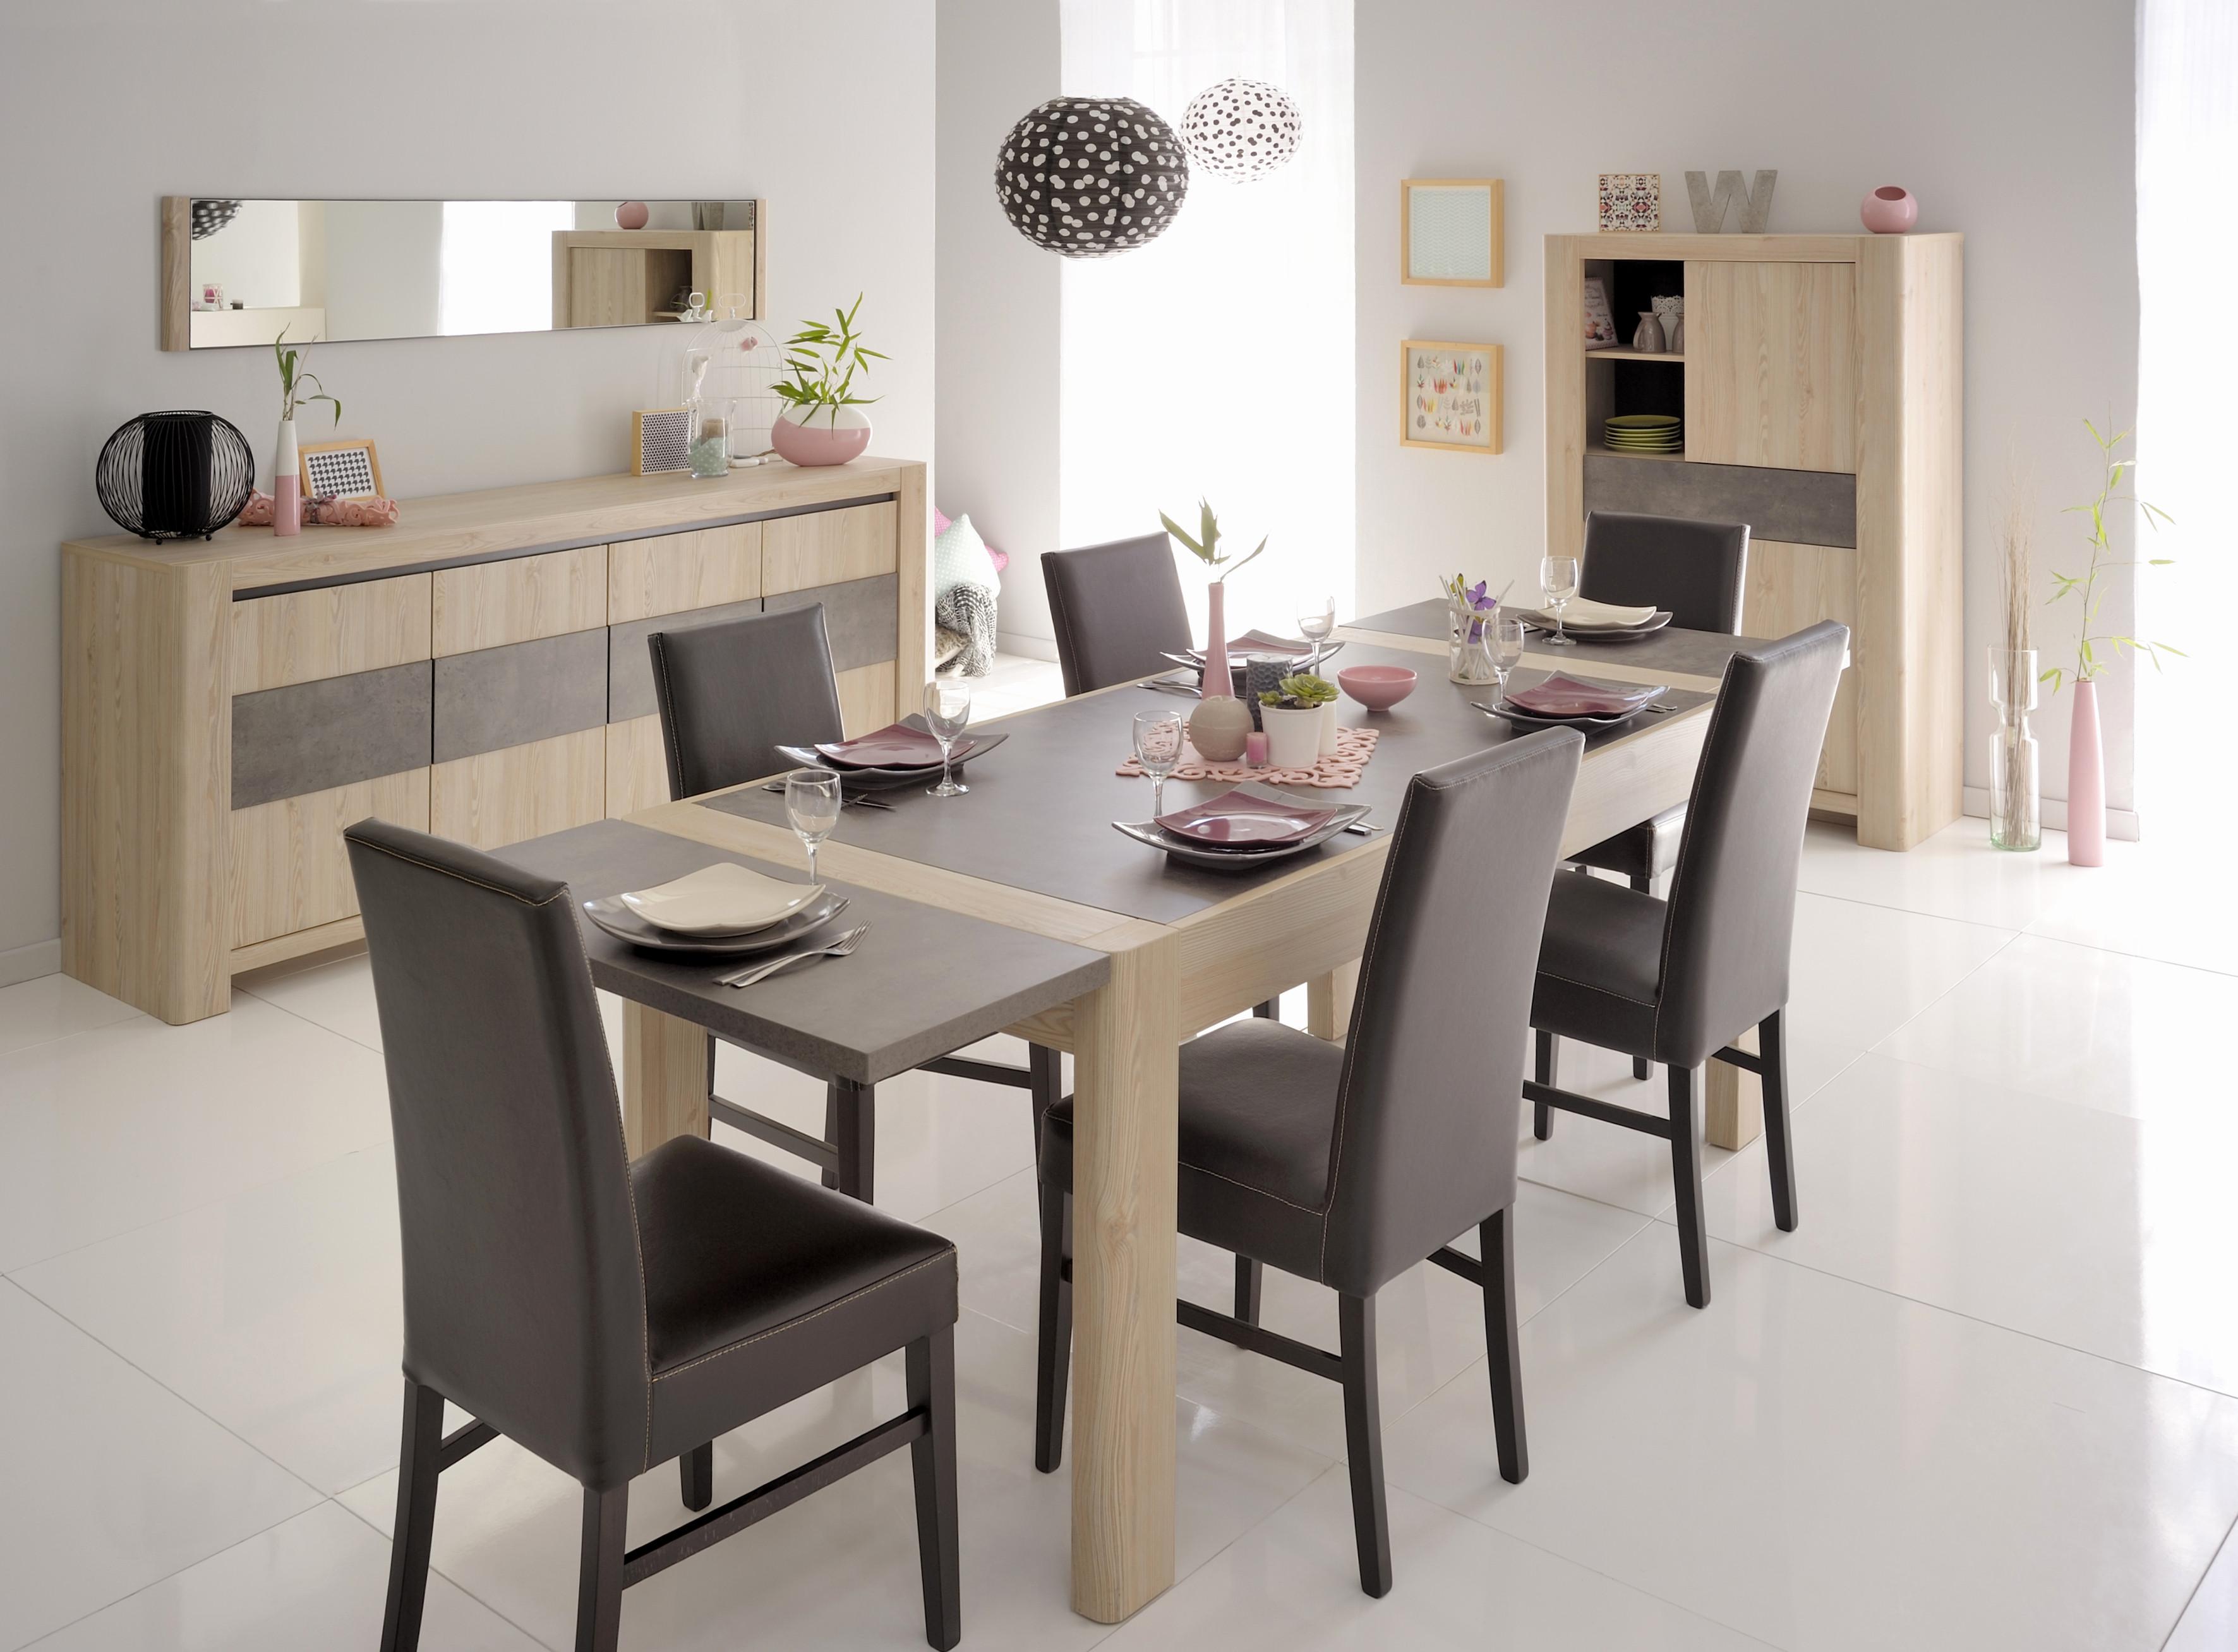 Meubles salle manger optez pour le style contemporain - Deco salle a manger contemporaine ...